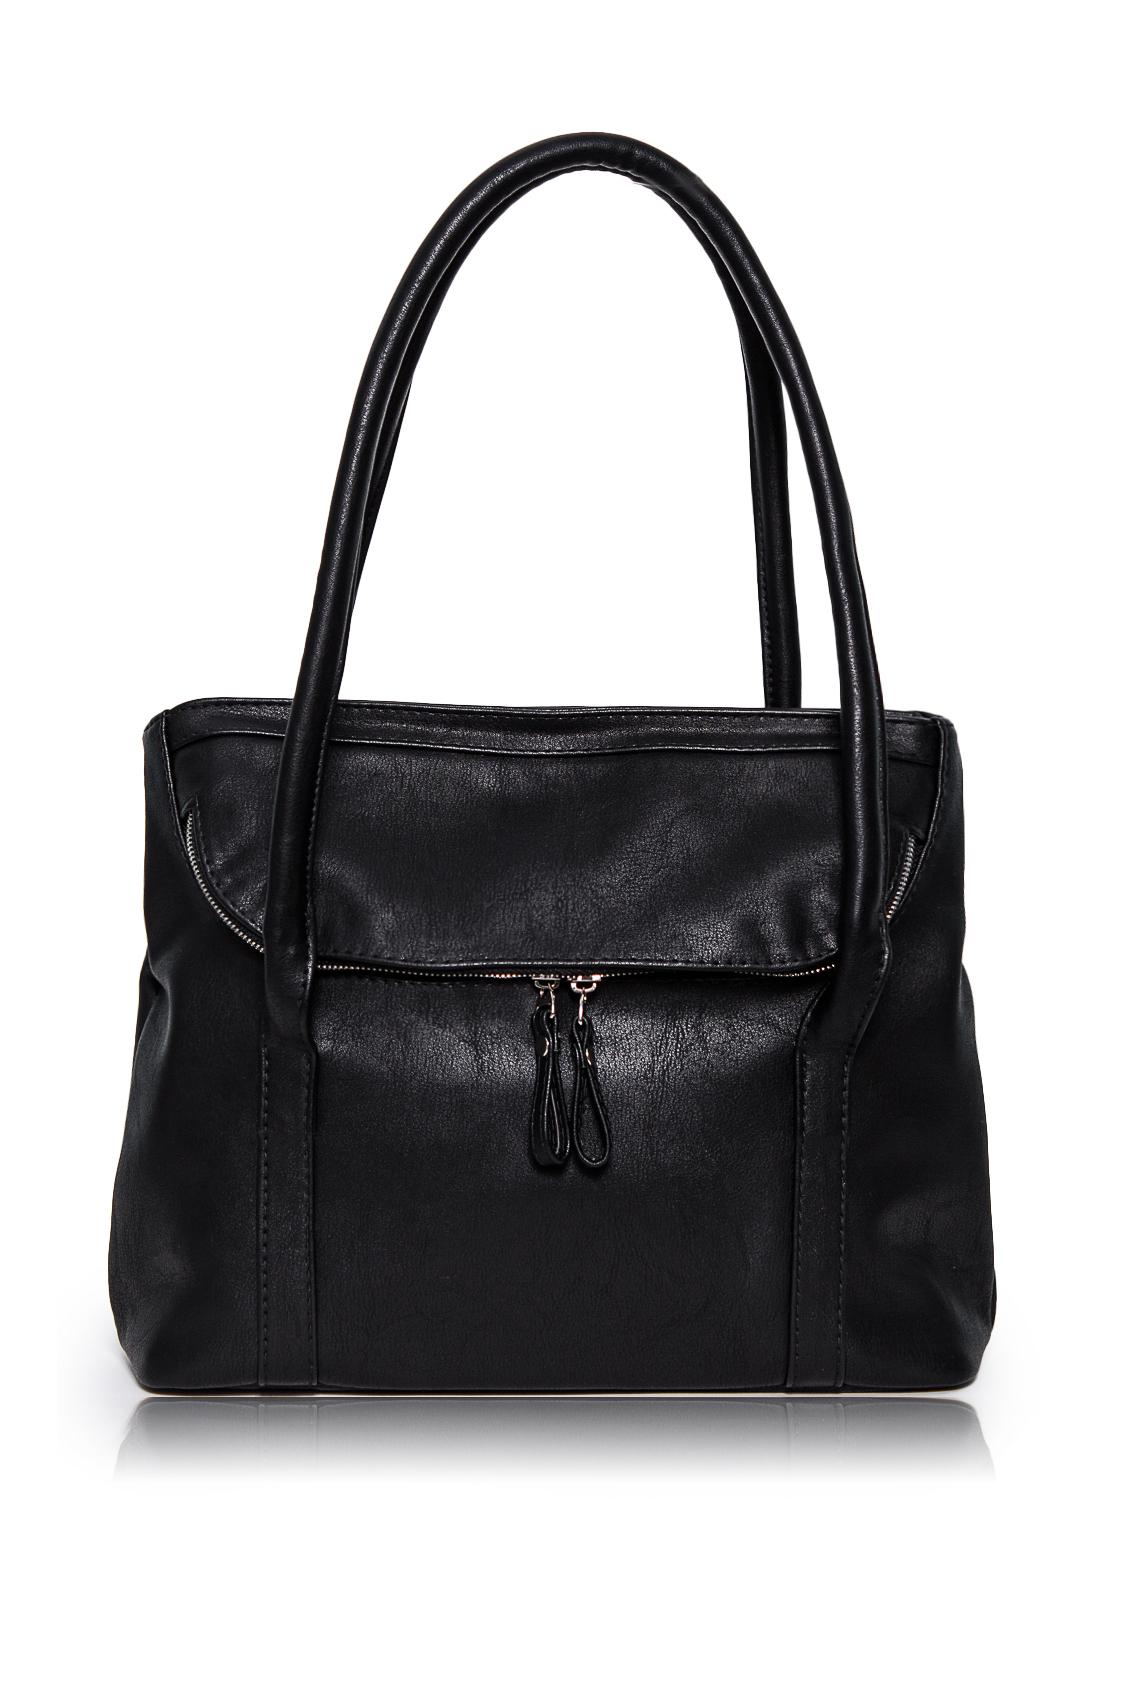 СумкаКлассические<br>Женские сумки бренда DINESSI - это стильные аксессуары, которые по достоинству оценят представительницы прекрасного пола.  Сумка с клапаном, застегивающимся на молнию и двумя ручками. Внутри два накладных кармана и карман на молнии.  Цвет: черный.  Размеры: Высота - 24,5 ± 1 см Длина - 32 ± 1 см Ширина - 11 ± 1 см Длина ручек - 71 ± 1 см<br><br>Отделения: 1 отделение<br>По материалу: Искусственная кожа<br>По размеру: Средние<br>По рисунку: Однотонные<br>По силуэту стенок: Прямоугольные<br>По способу ношения: В руках,На запастье,На плечо<br>По степени жесткости: Мягкие<br>По типу застежки: С застежкой молнией,С клапаном<br>По элементам: Карман на молнии,Карман под телефон,С декором,С отделочной фурнитурой<br>Ручки: Короткие<br>Размер : UNI<br>Материал: Искусственная кожа<br>Количество в наличии: 1